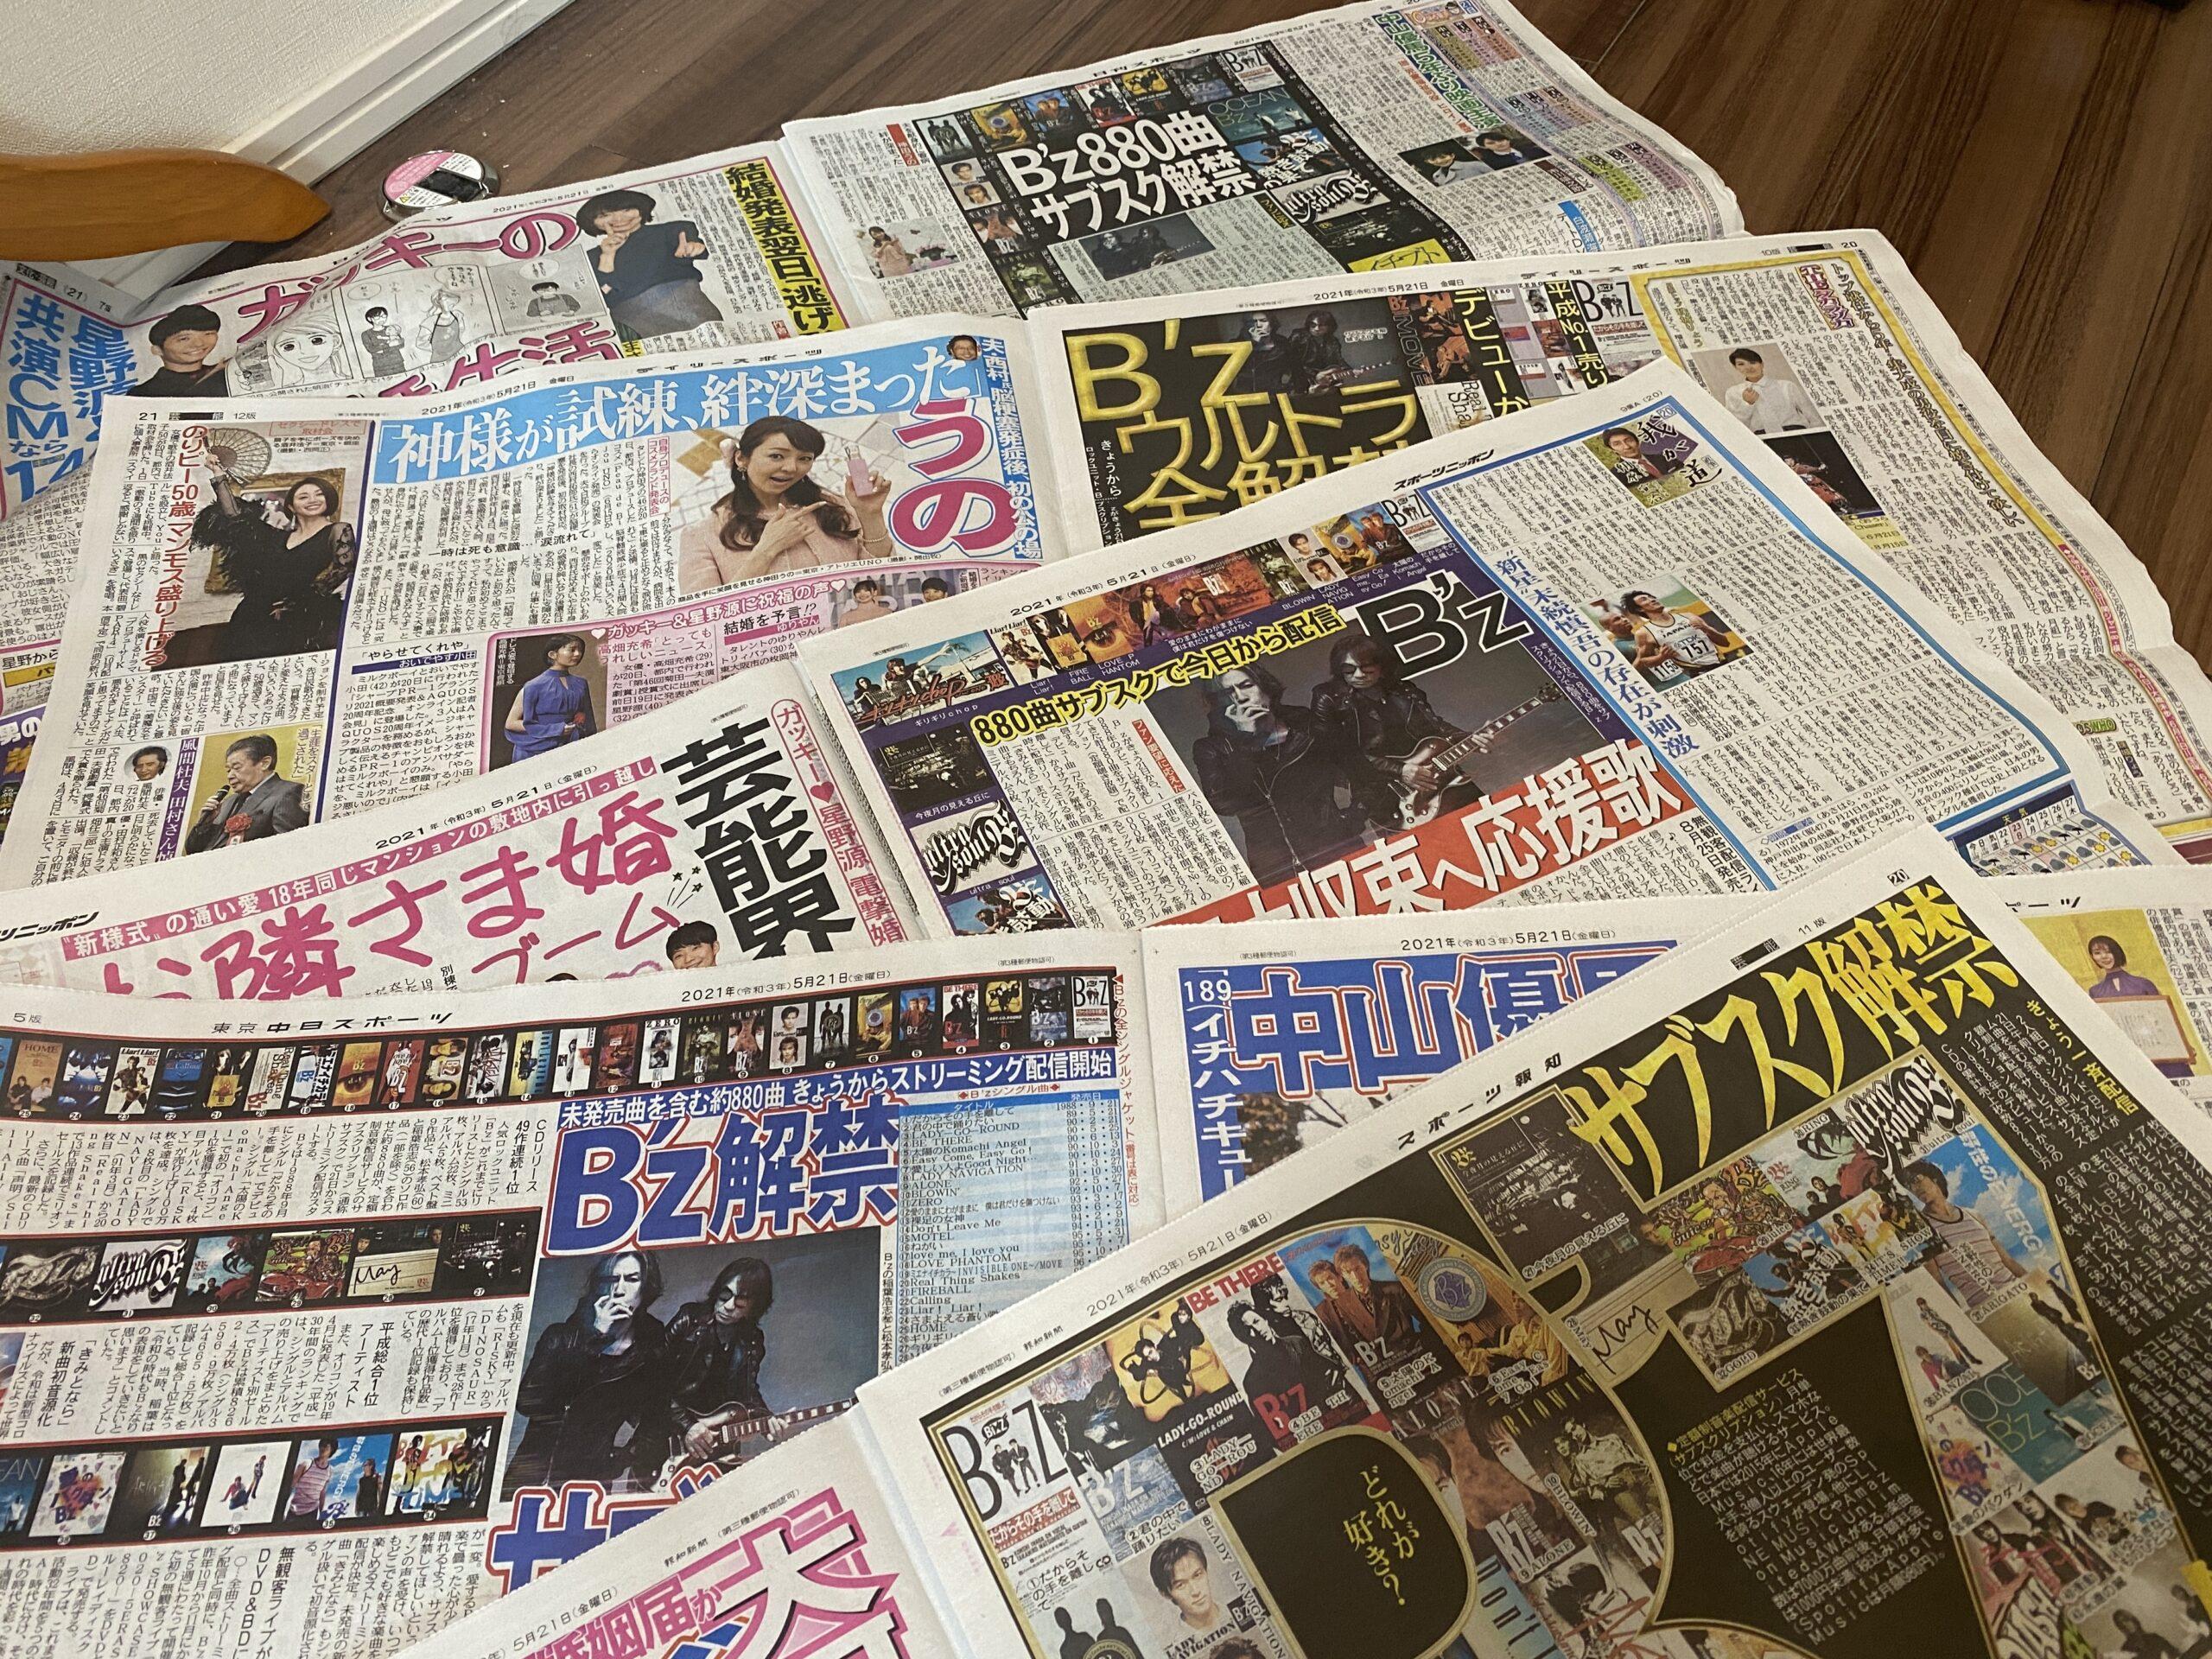 B'zのサブスク解禁を報じる各スポーツ新聞